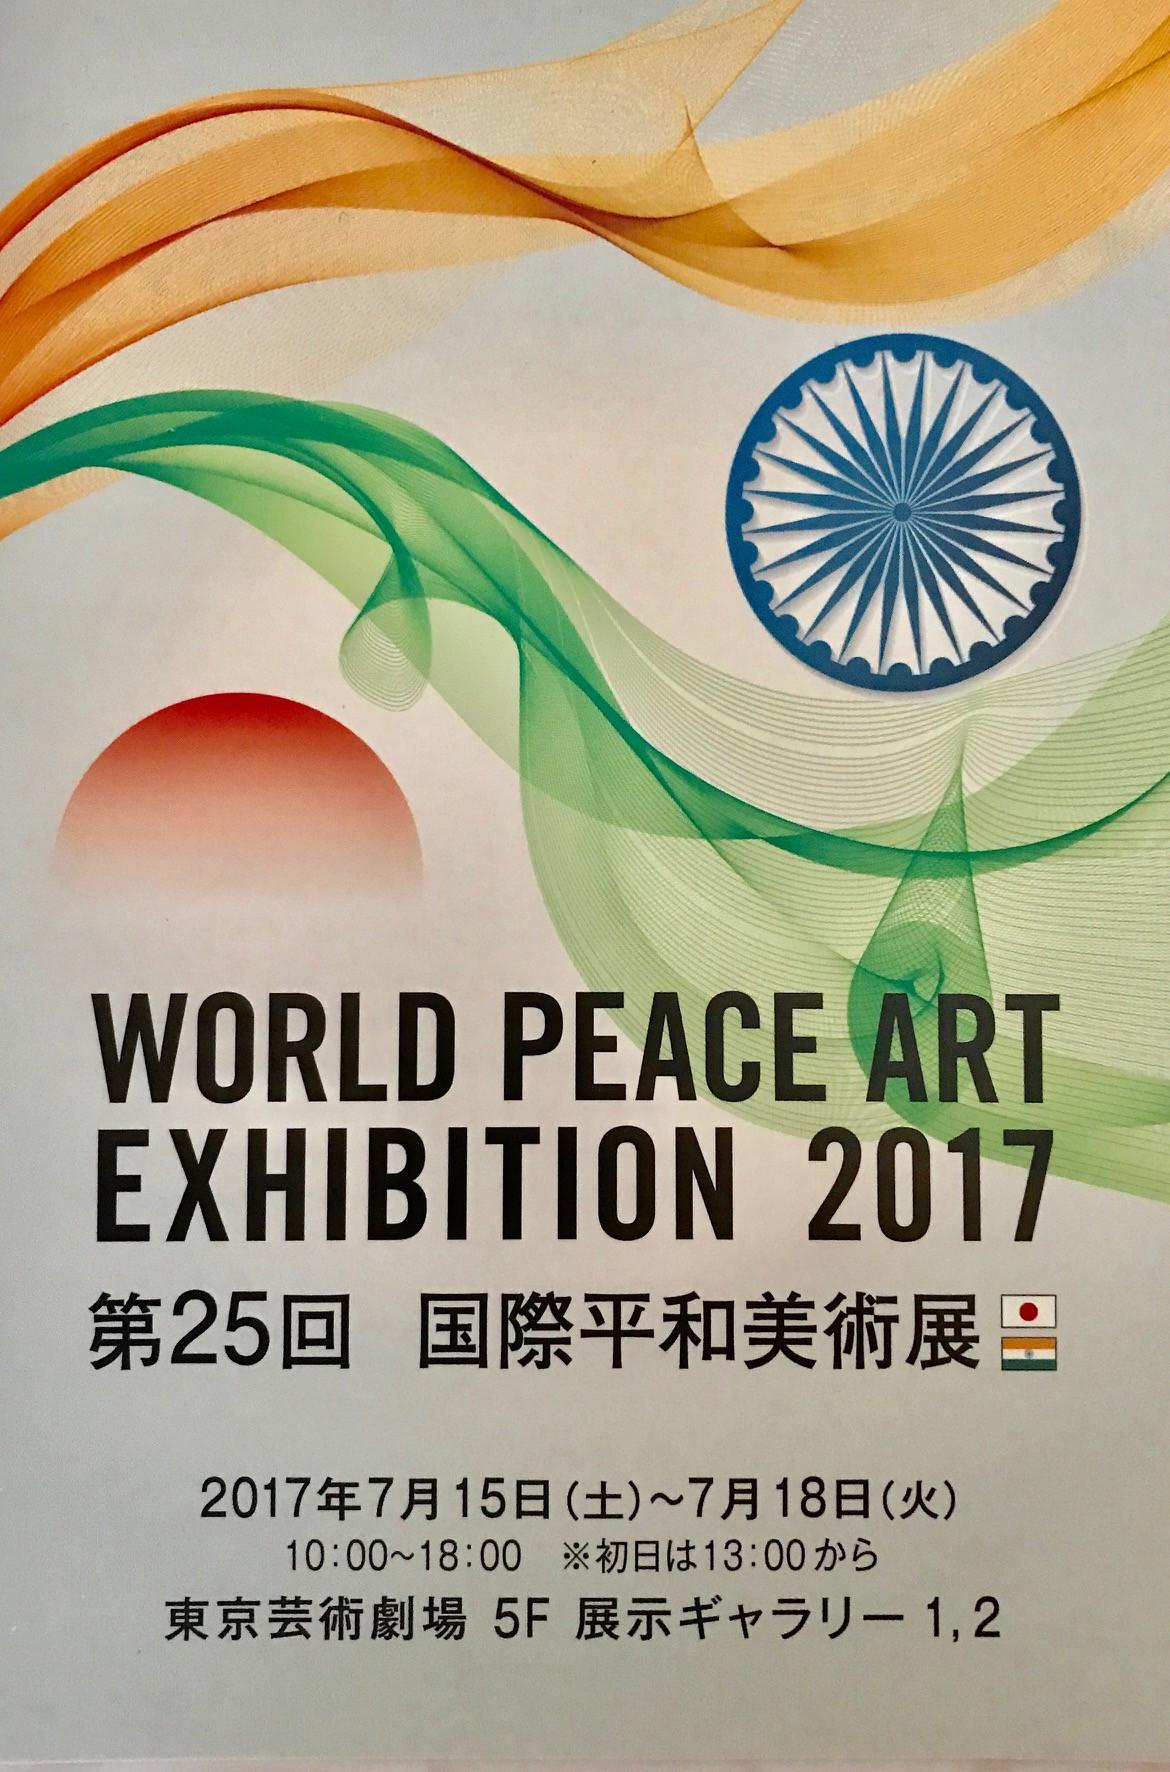 作品展示のお知らせ 第25回 国際平和美術展に参加